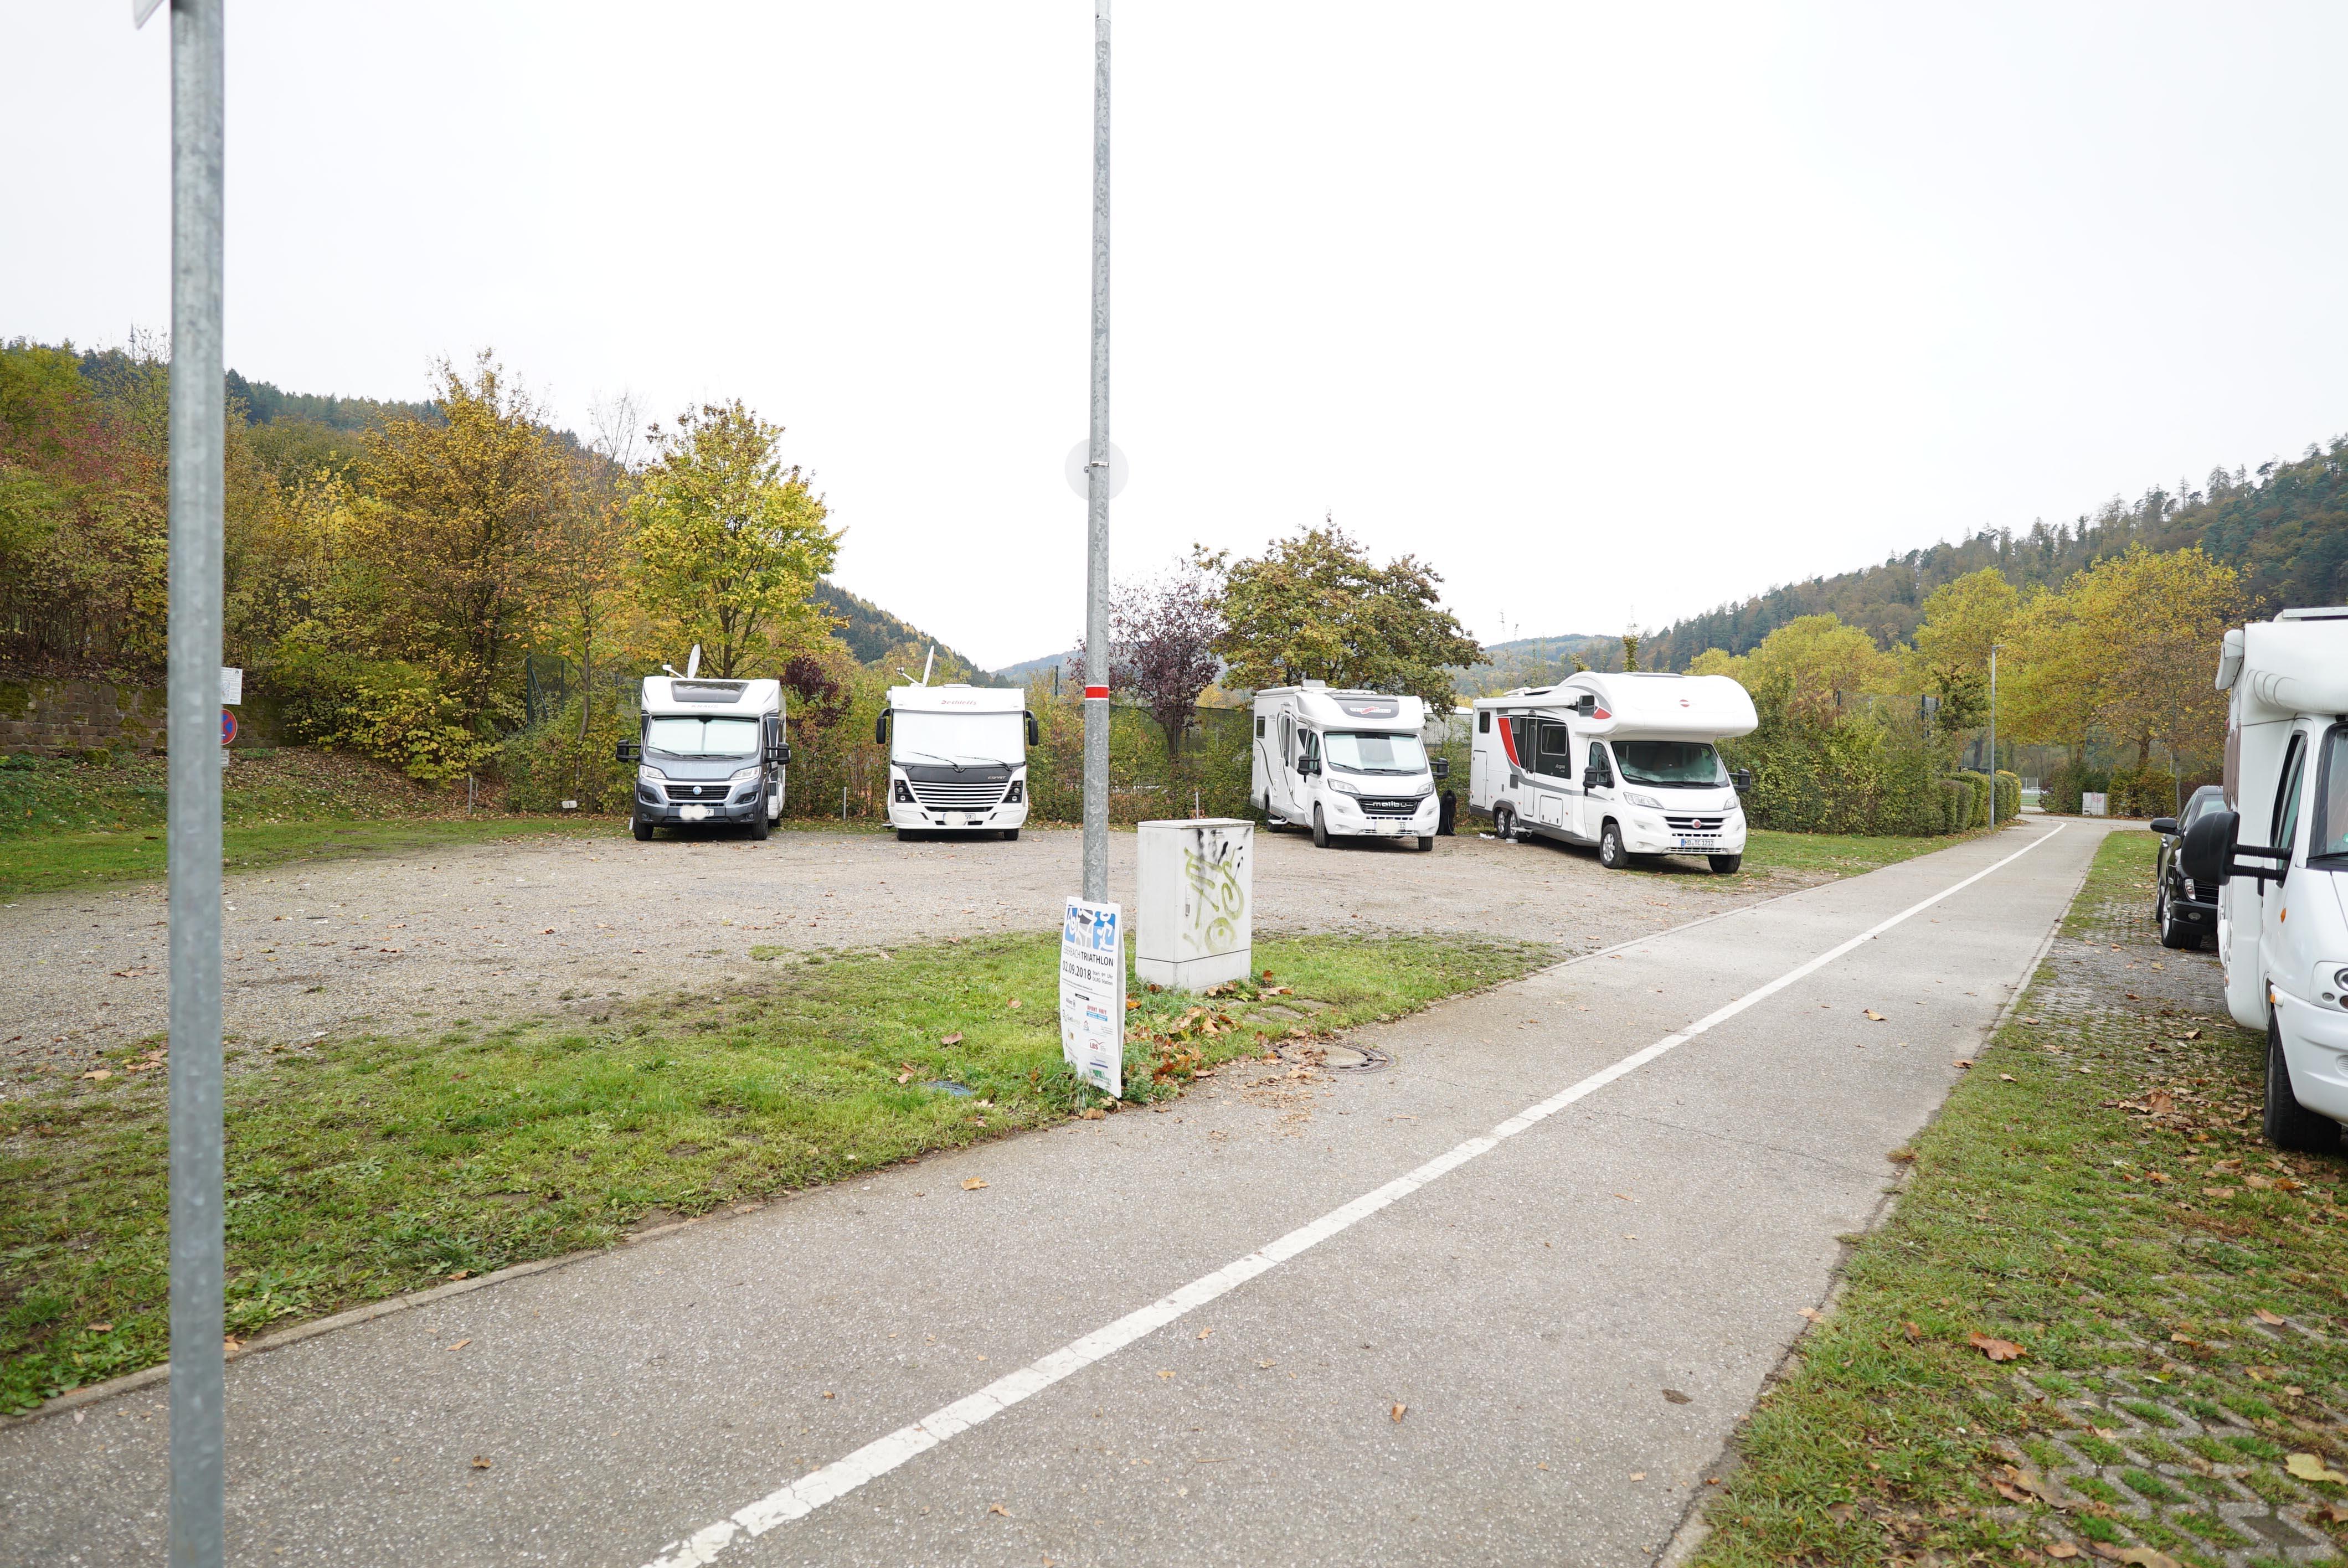 Wohnmobilstellplatz Neckar01